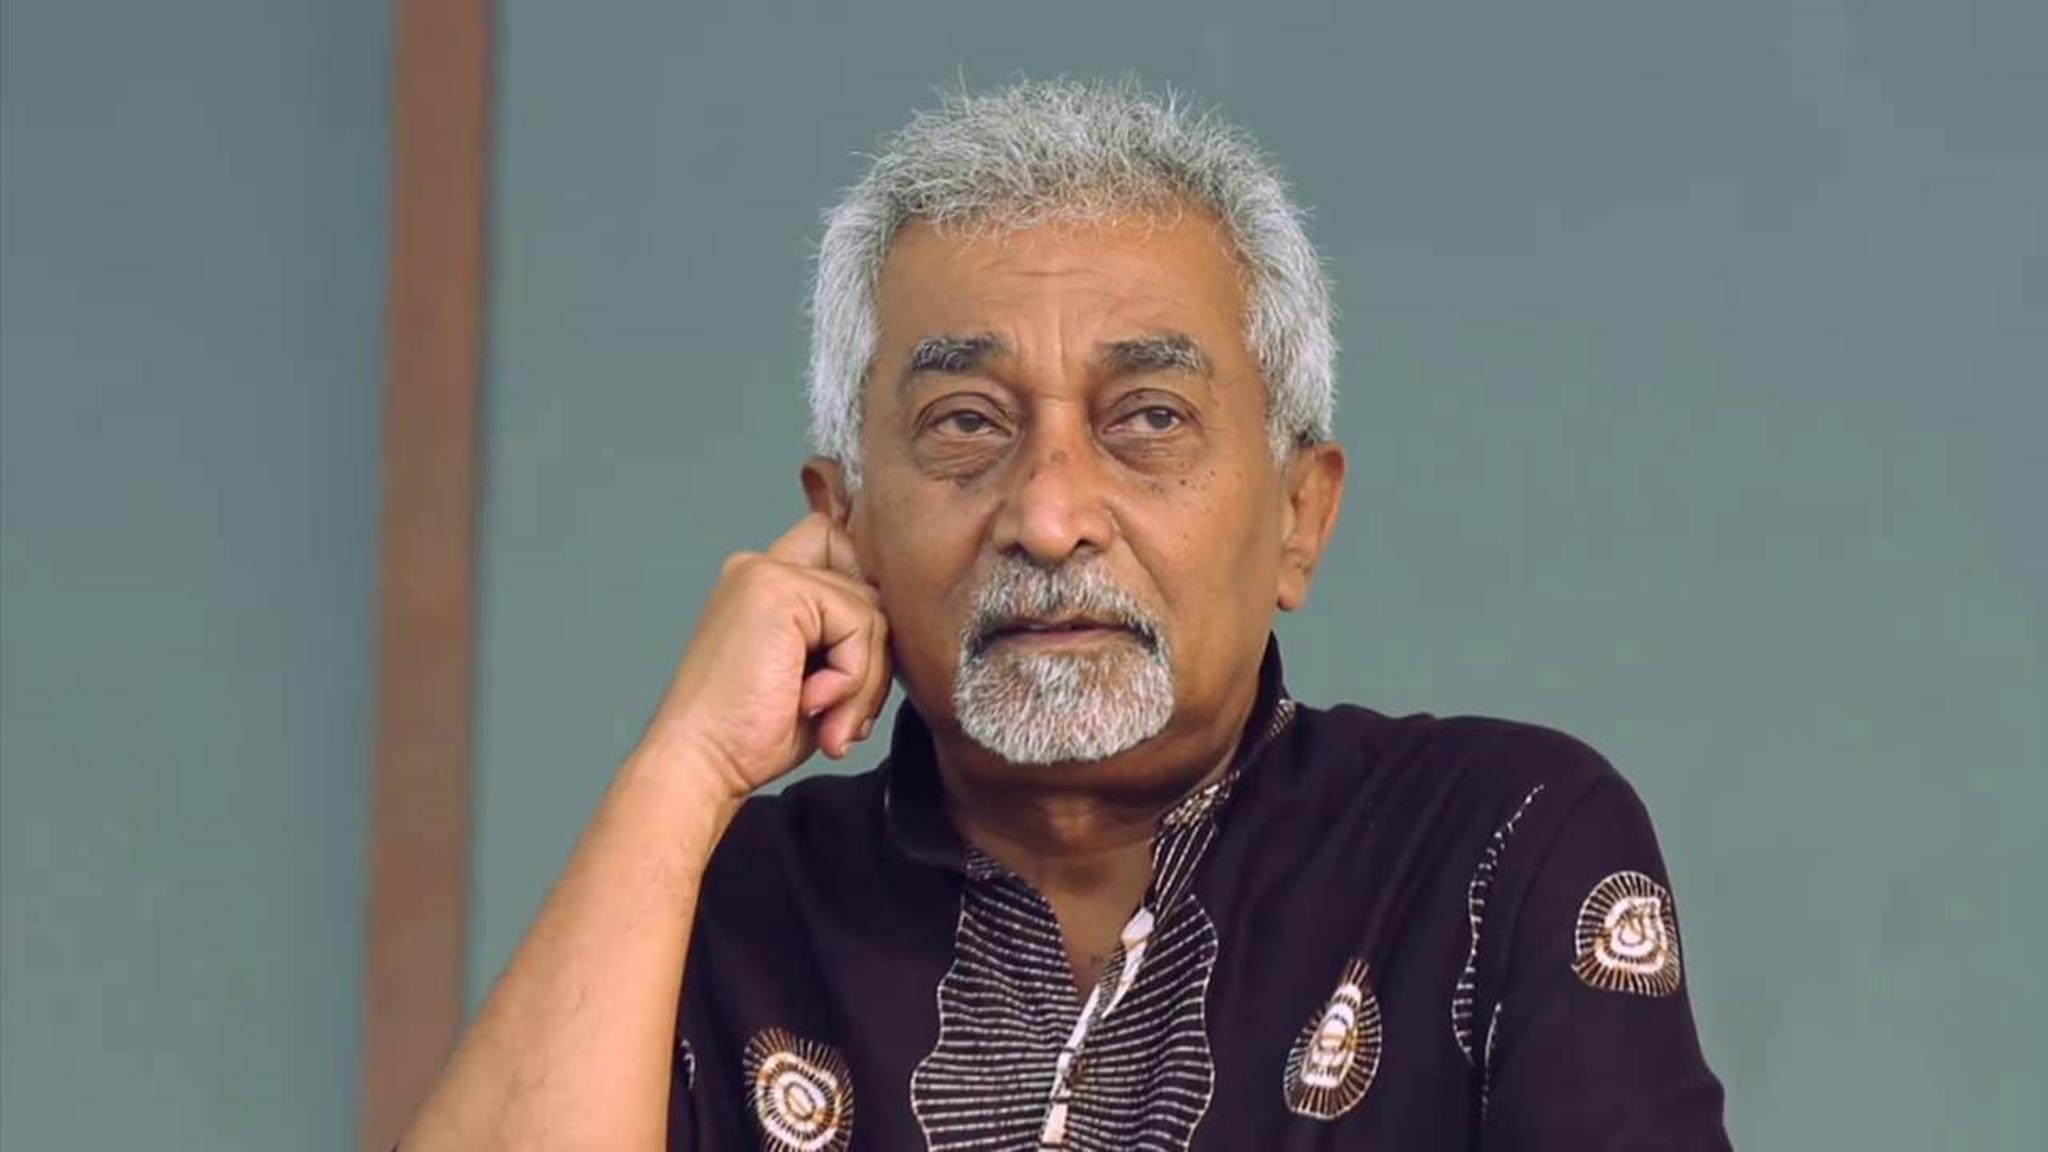 Timor-Leste/Eleições: Fretilin não viabilizará eventual Governo AMP com cheque em branco, diz Mari Alkatiri